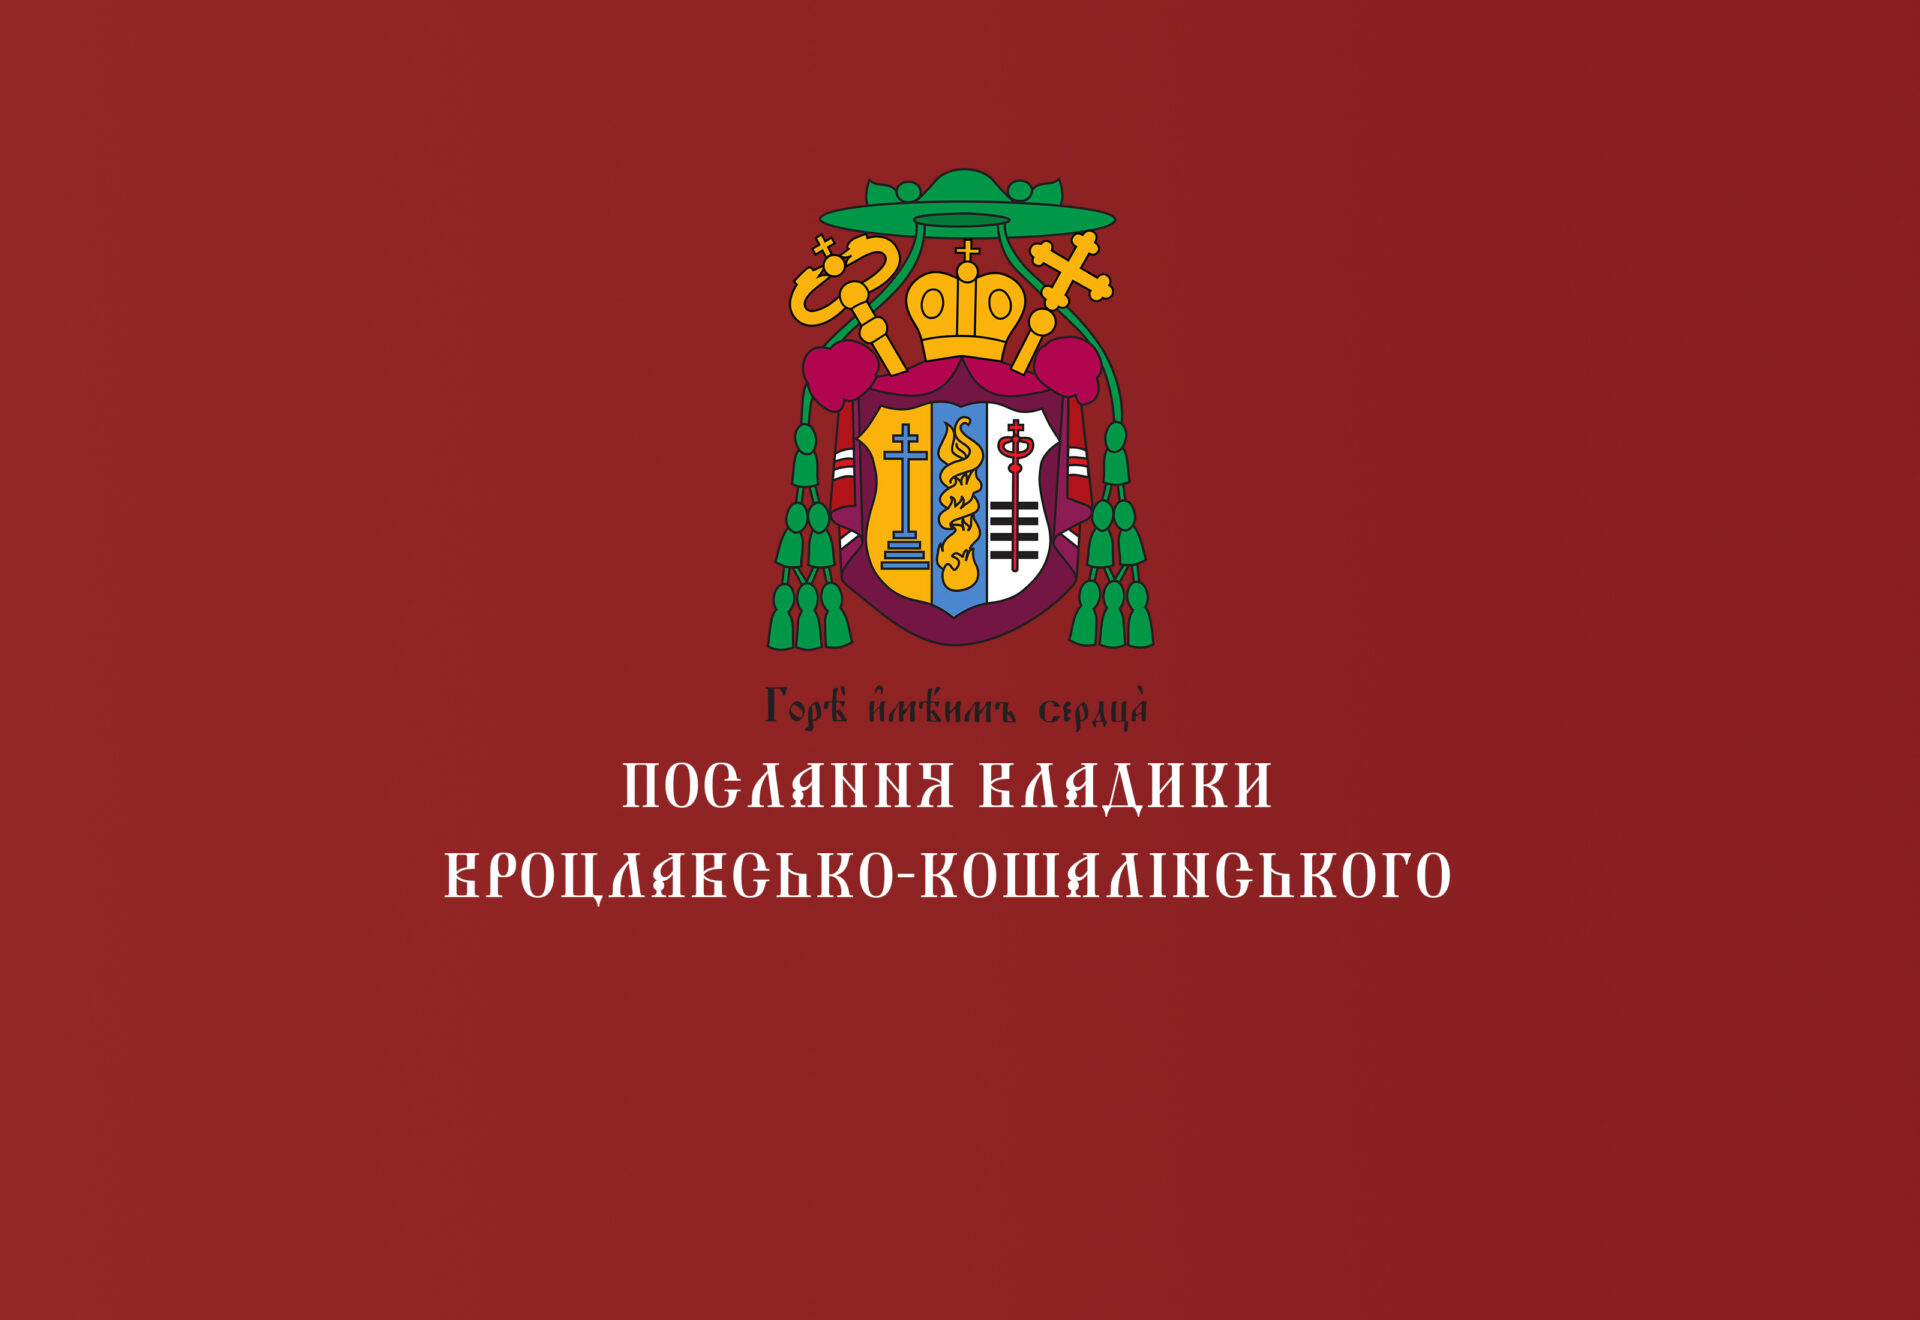 Великопосне Послання Владики Вроцлавсько-Кошалінського